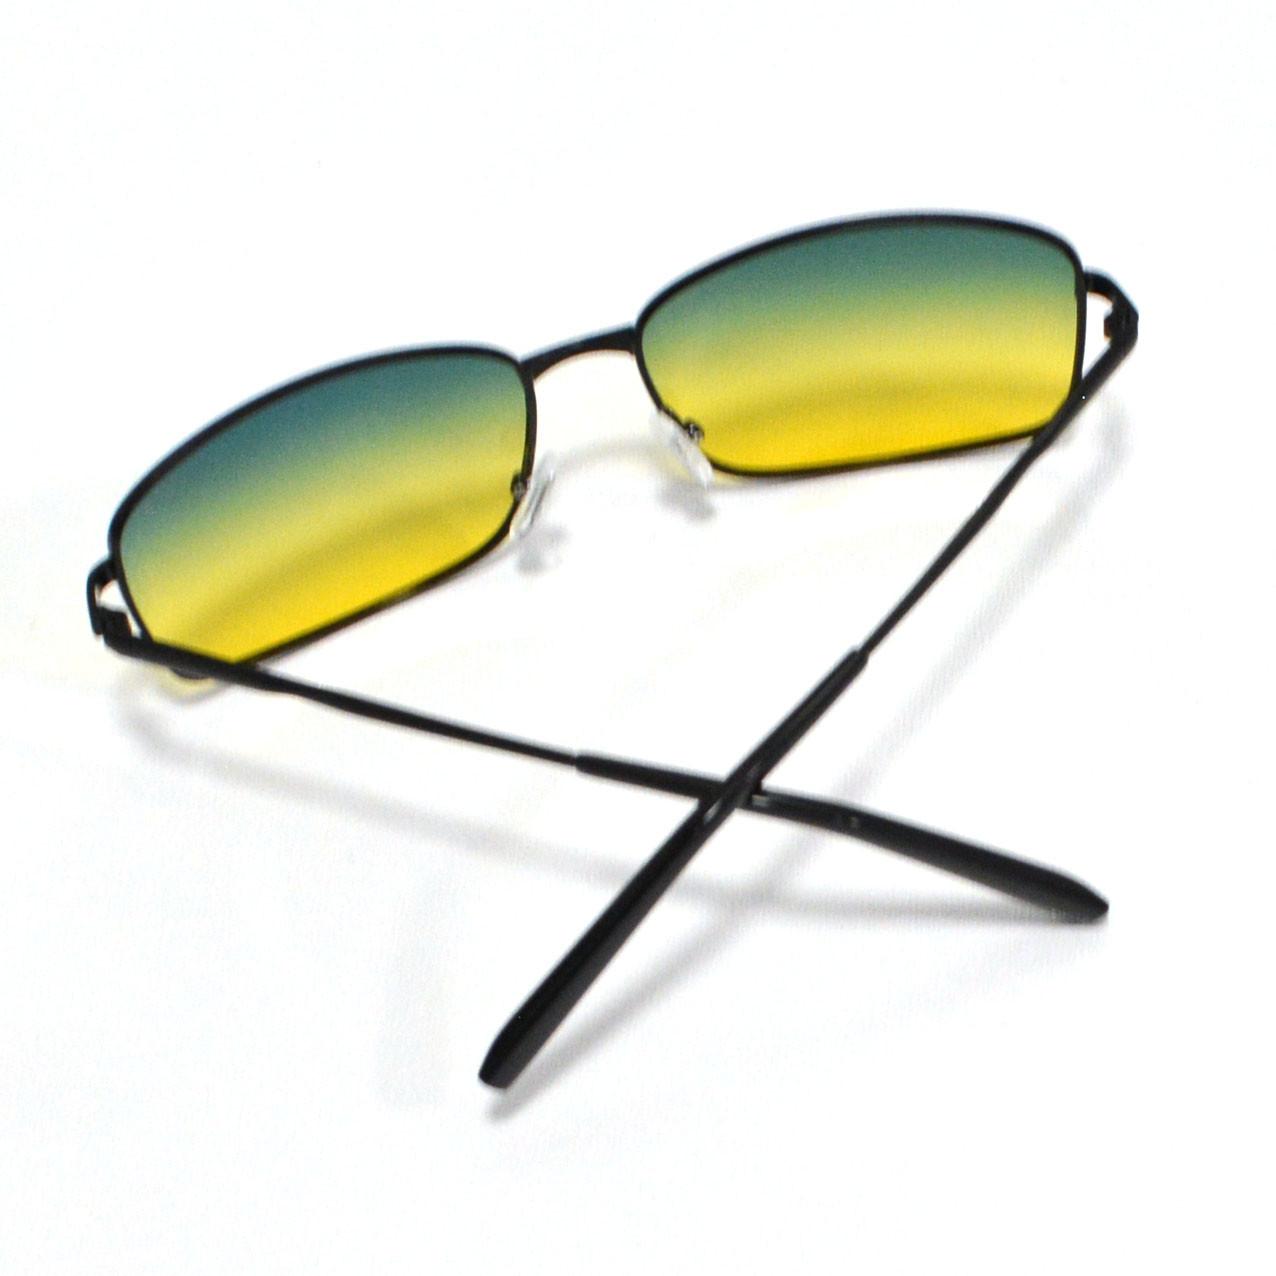 Солнцезащитные поляризационные очки ПОЛАРОИД UV400 тонкая оправа желто зеленые стекла АВТО PX16116 - фото 8